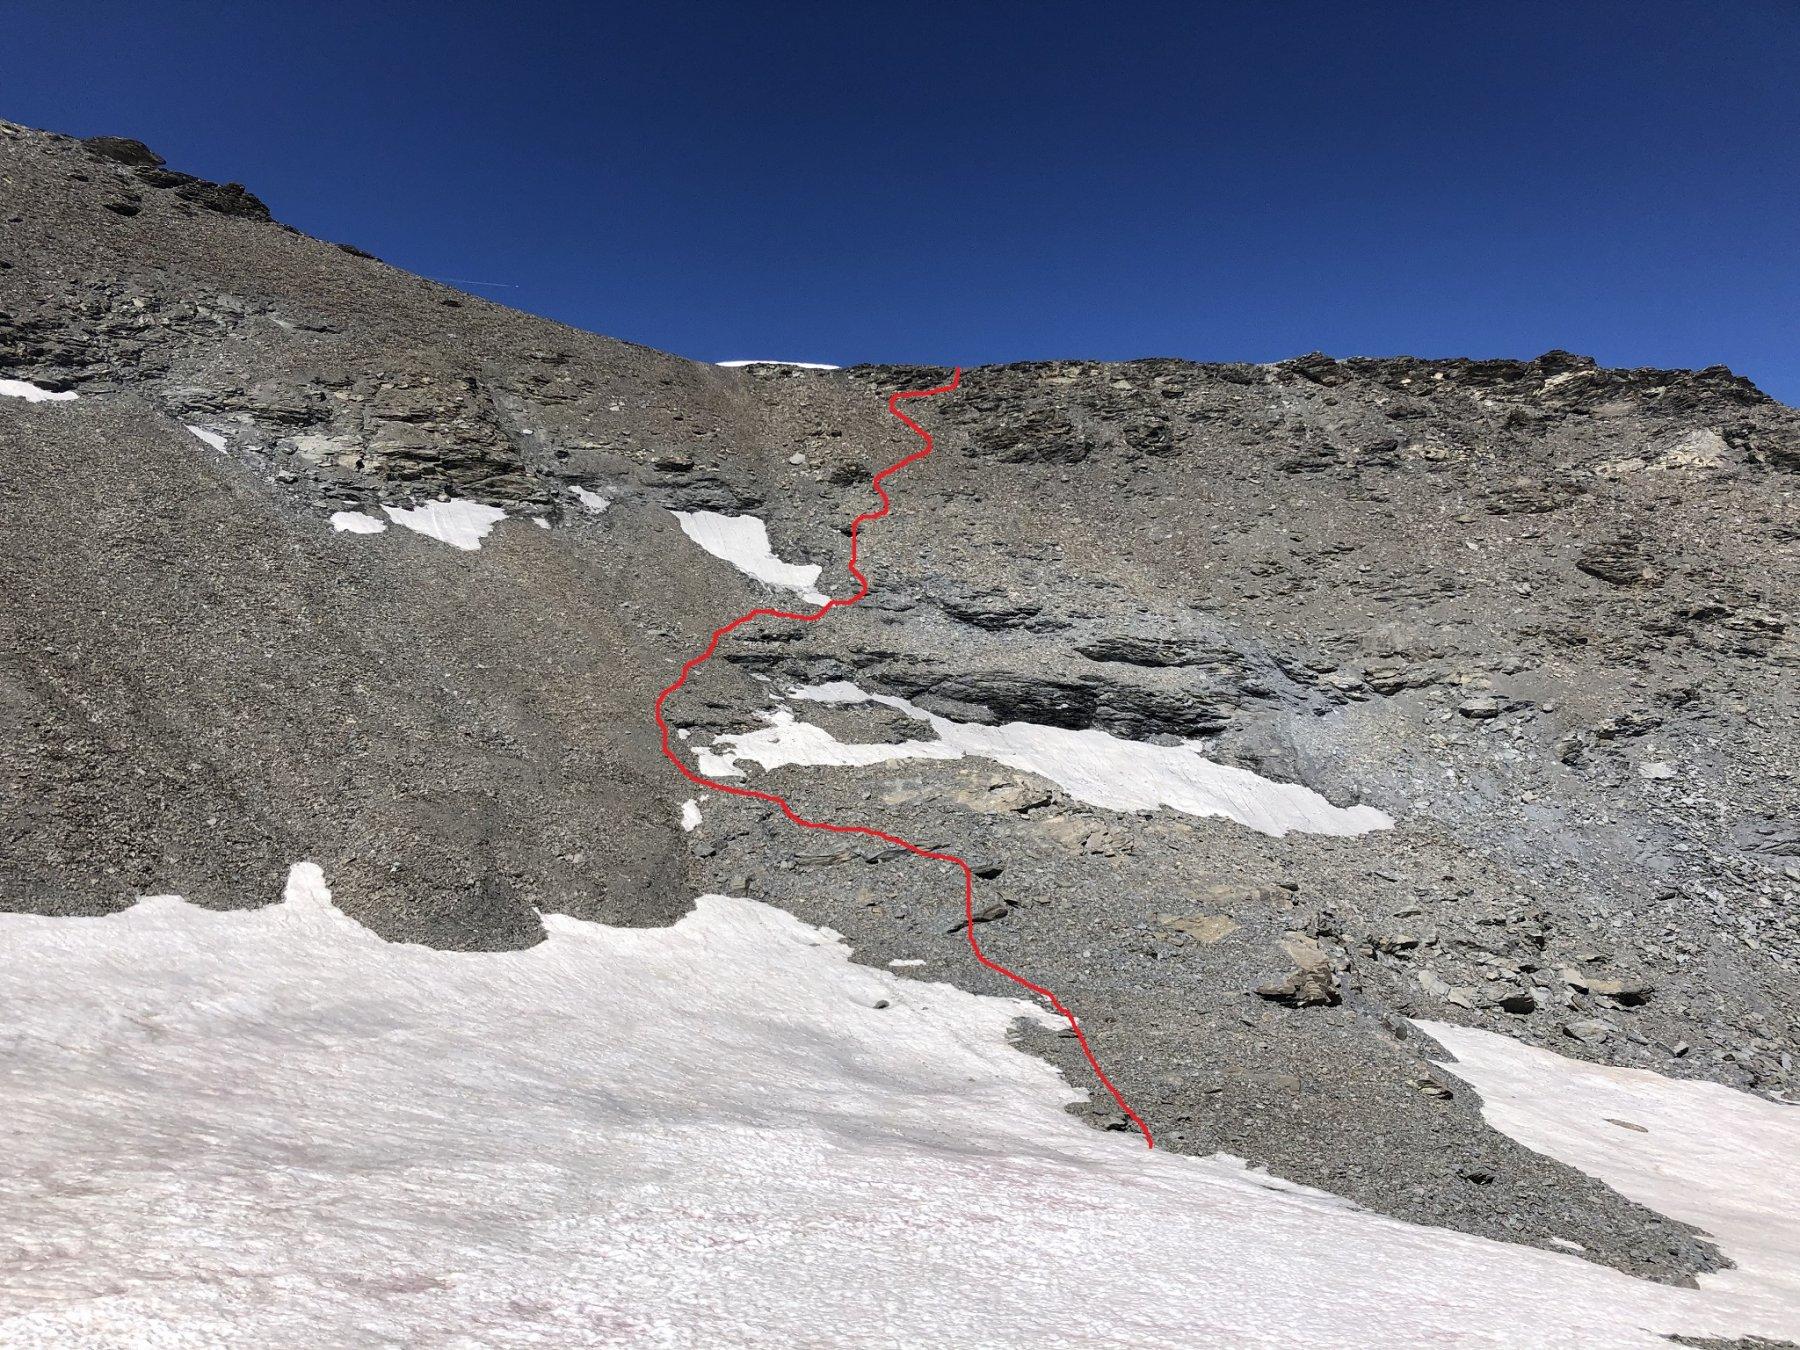 Percorso di discesa sul plateau glaciale